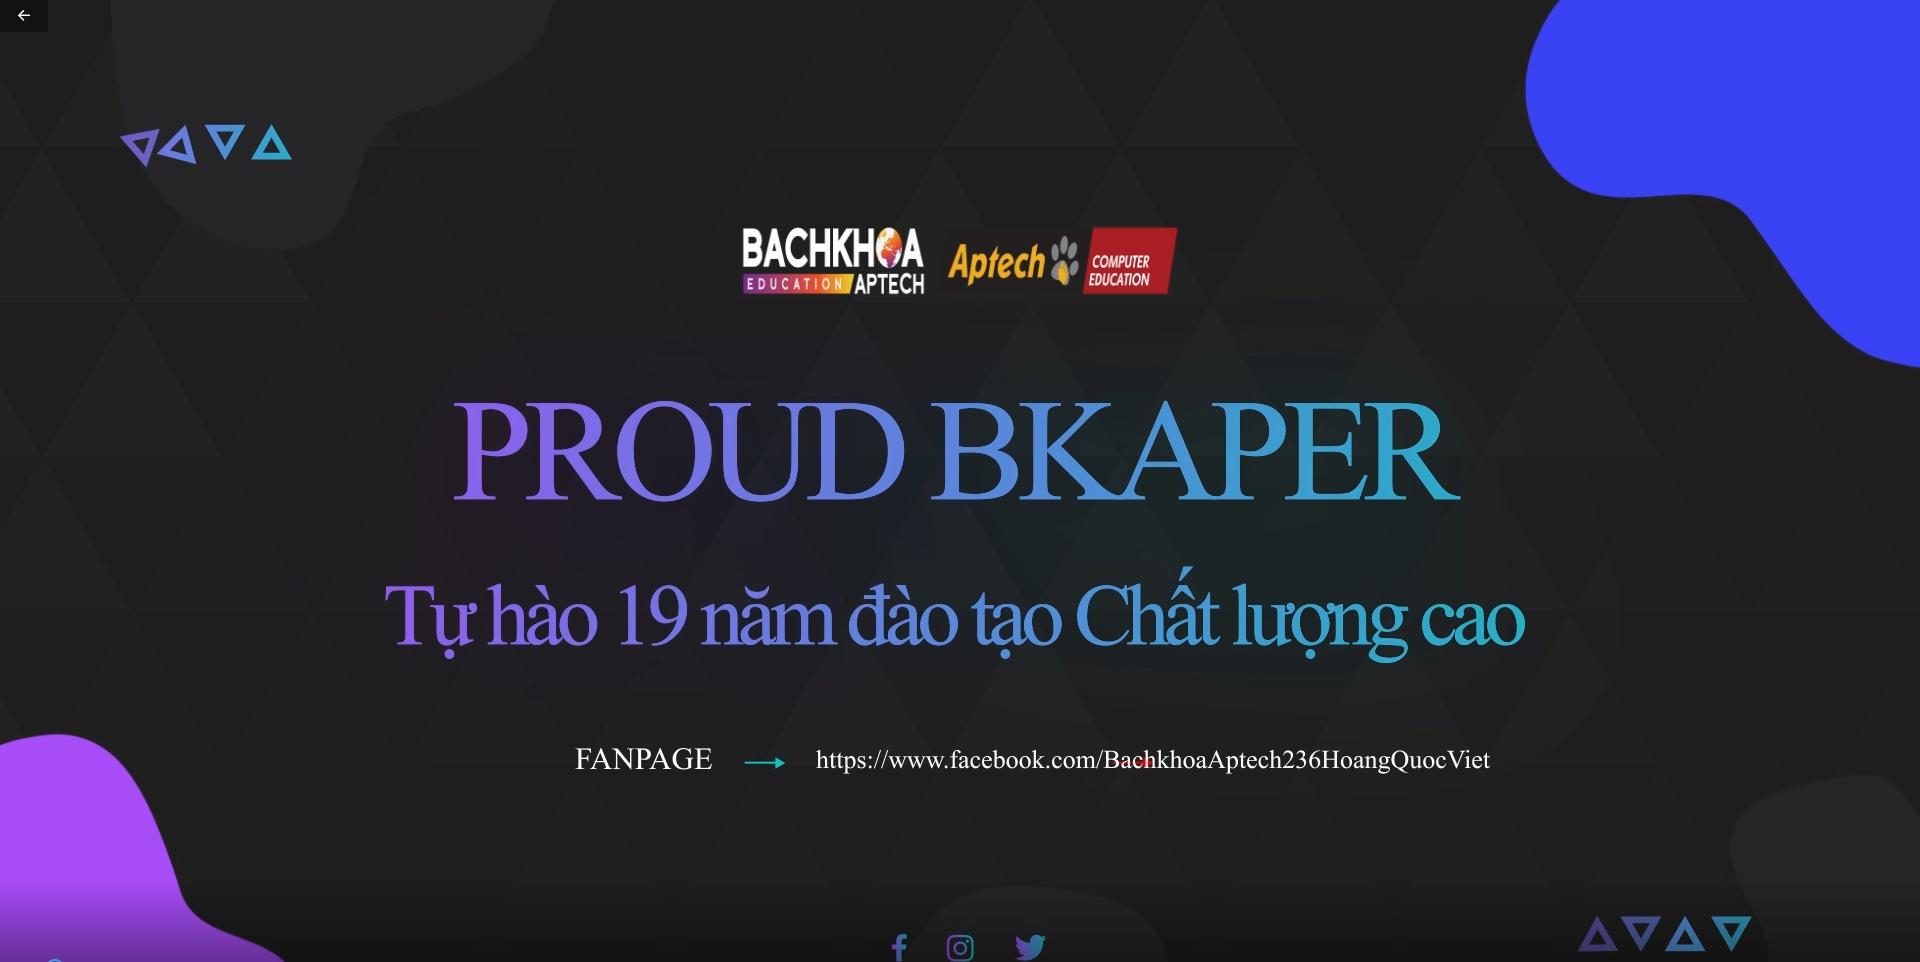 [Video] Điểm danh những gương mặt tiêu biểu của nhà Bachkhoa-Aptech